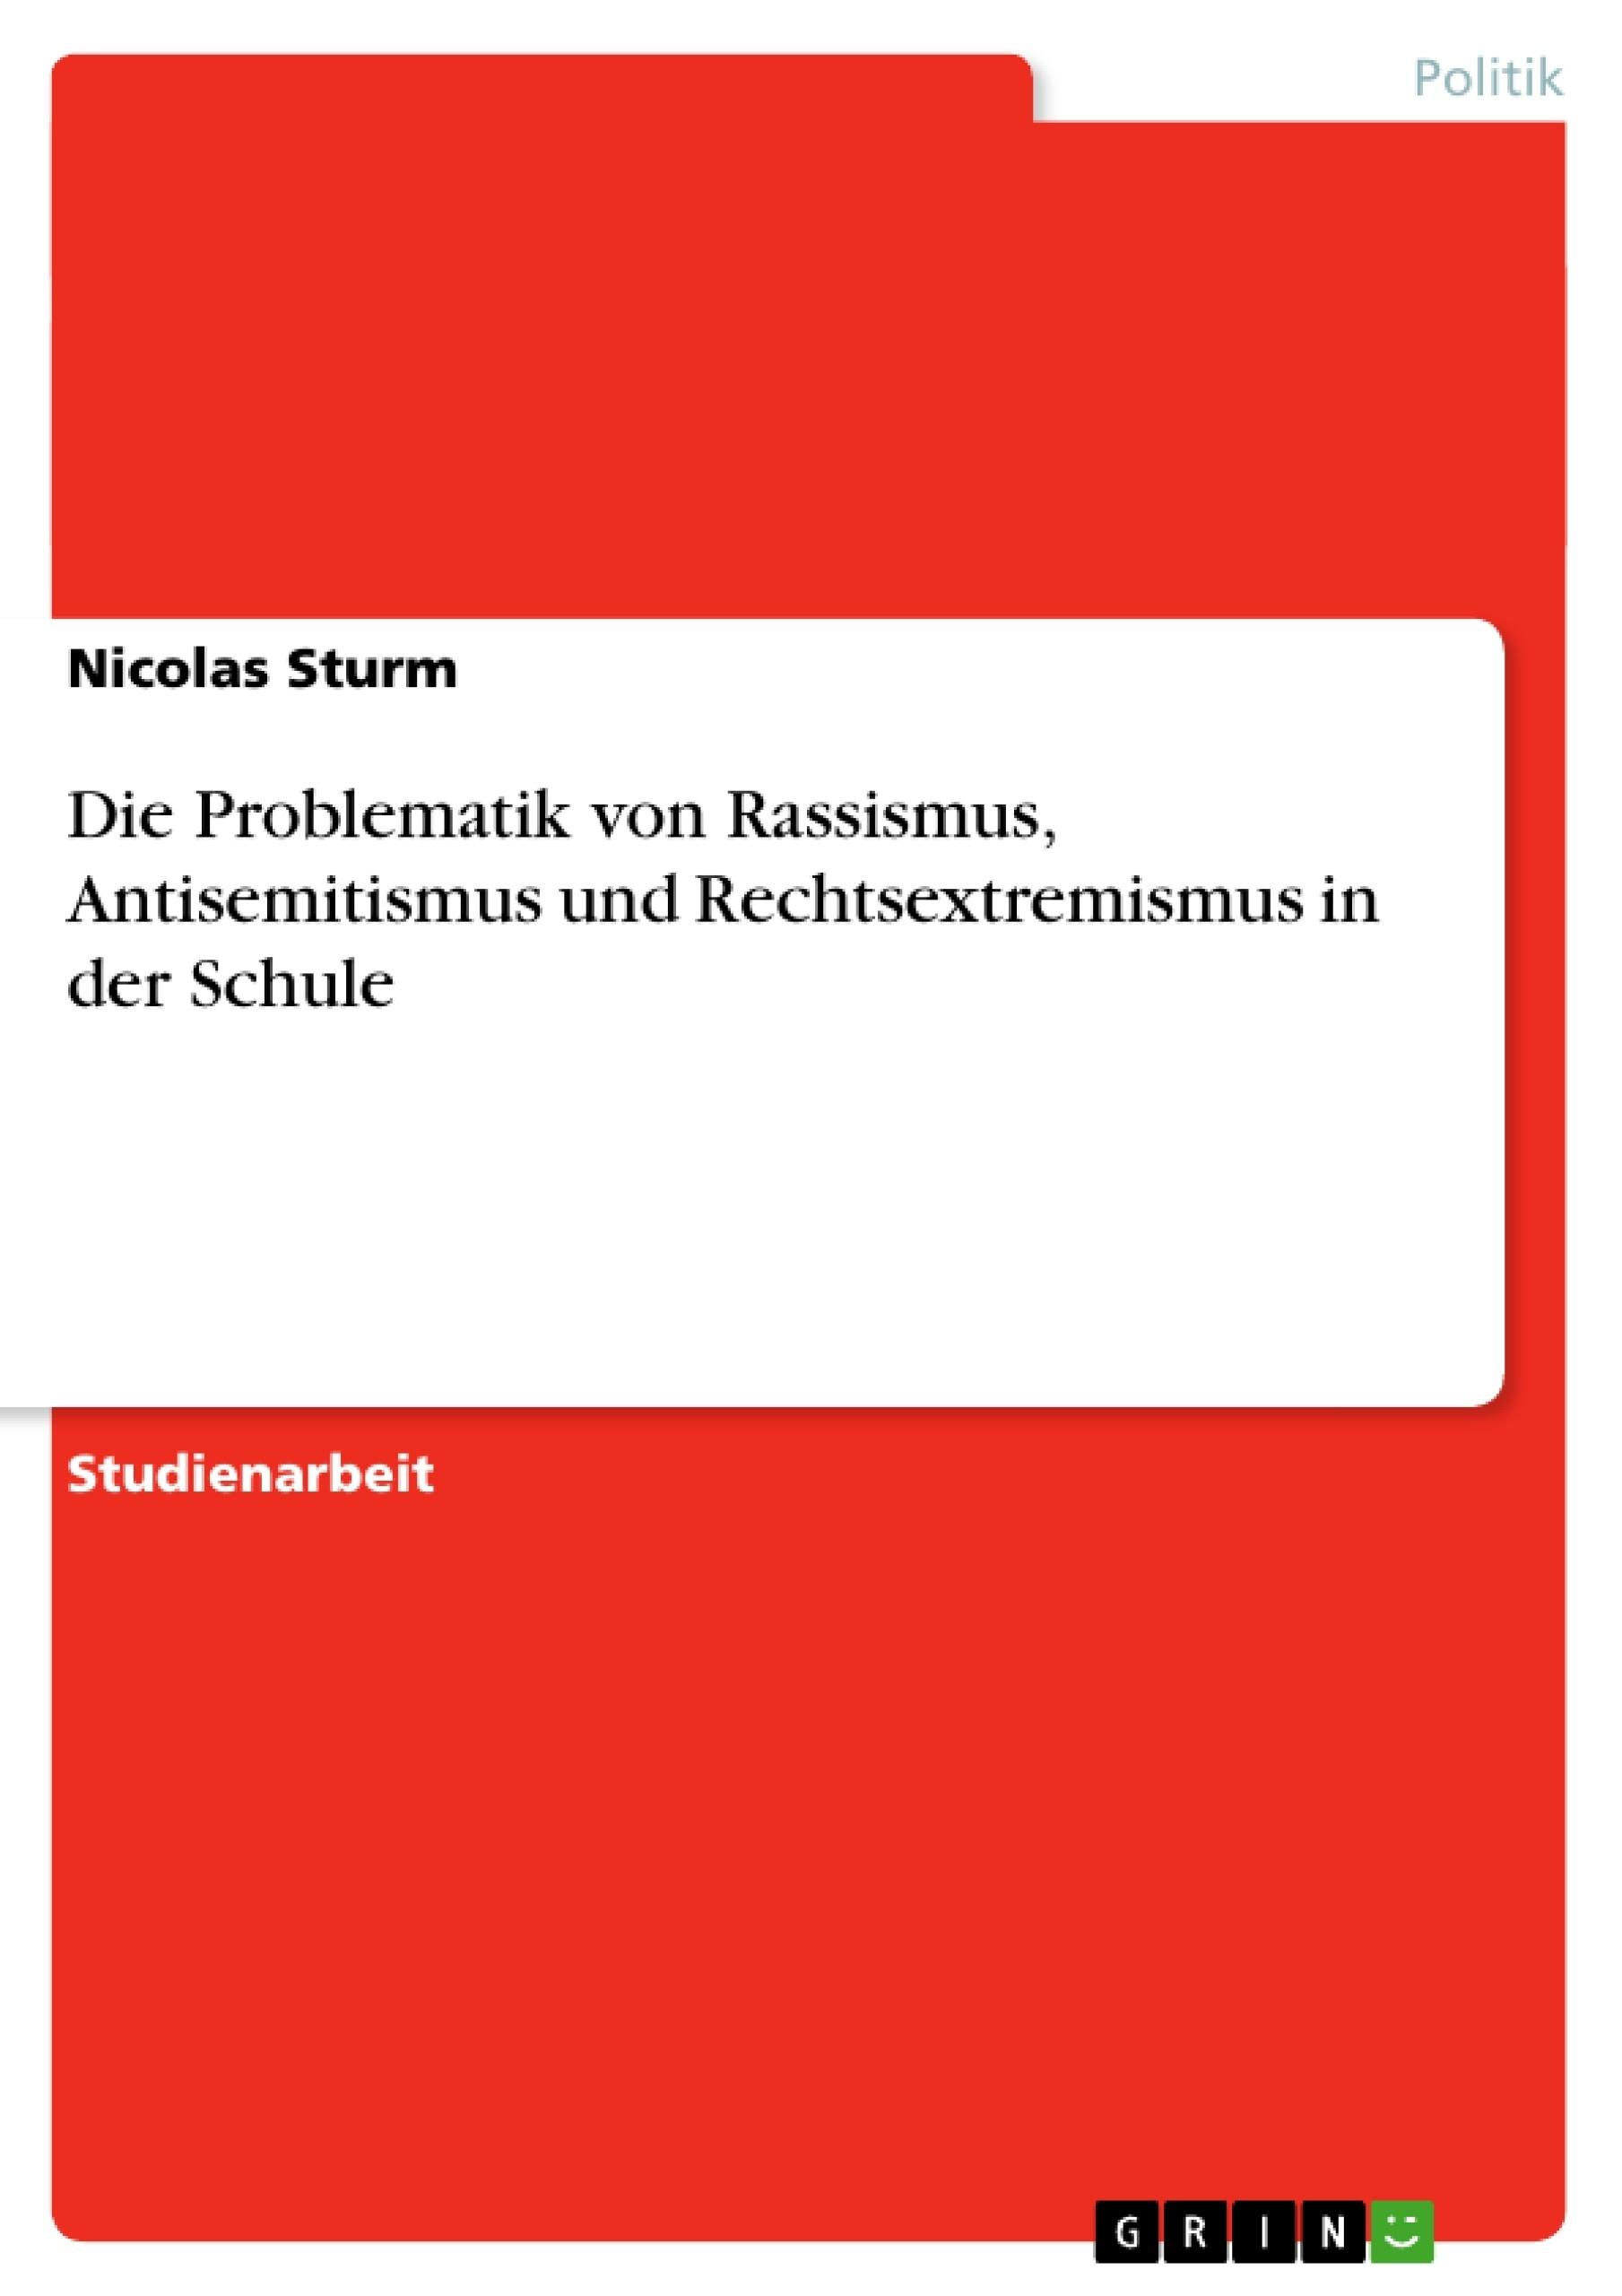 Titel: Die Problematik von Rassismus, Antisemitismus und Rechtsextremismus in der Schule